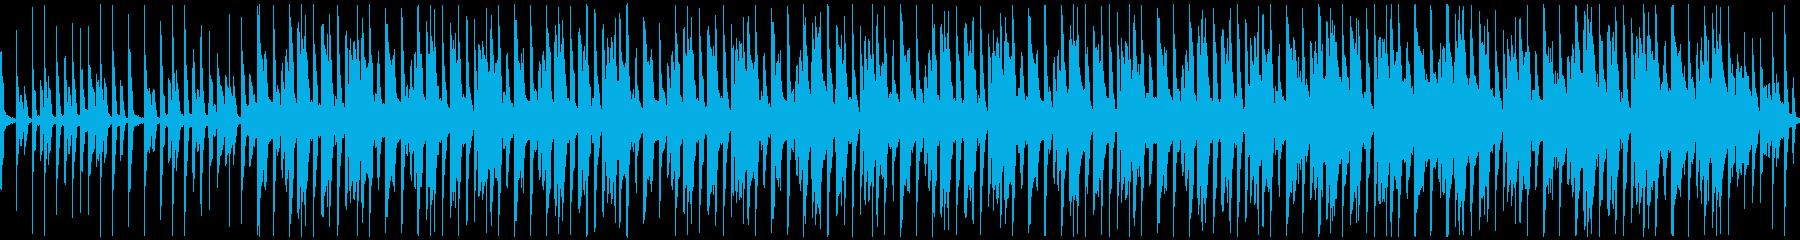 怪しい雰囲気のループトラックBGMの再生済みの波形